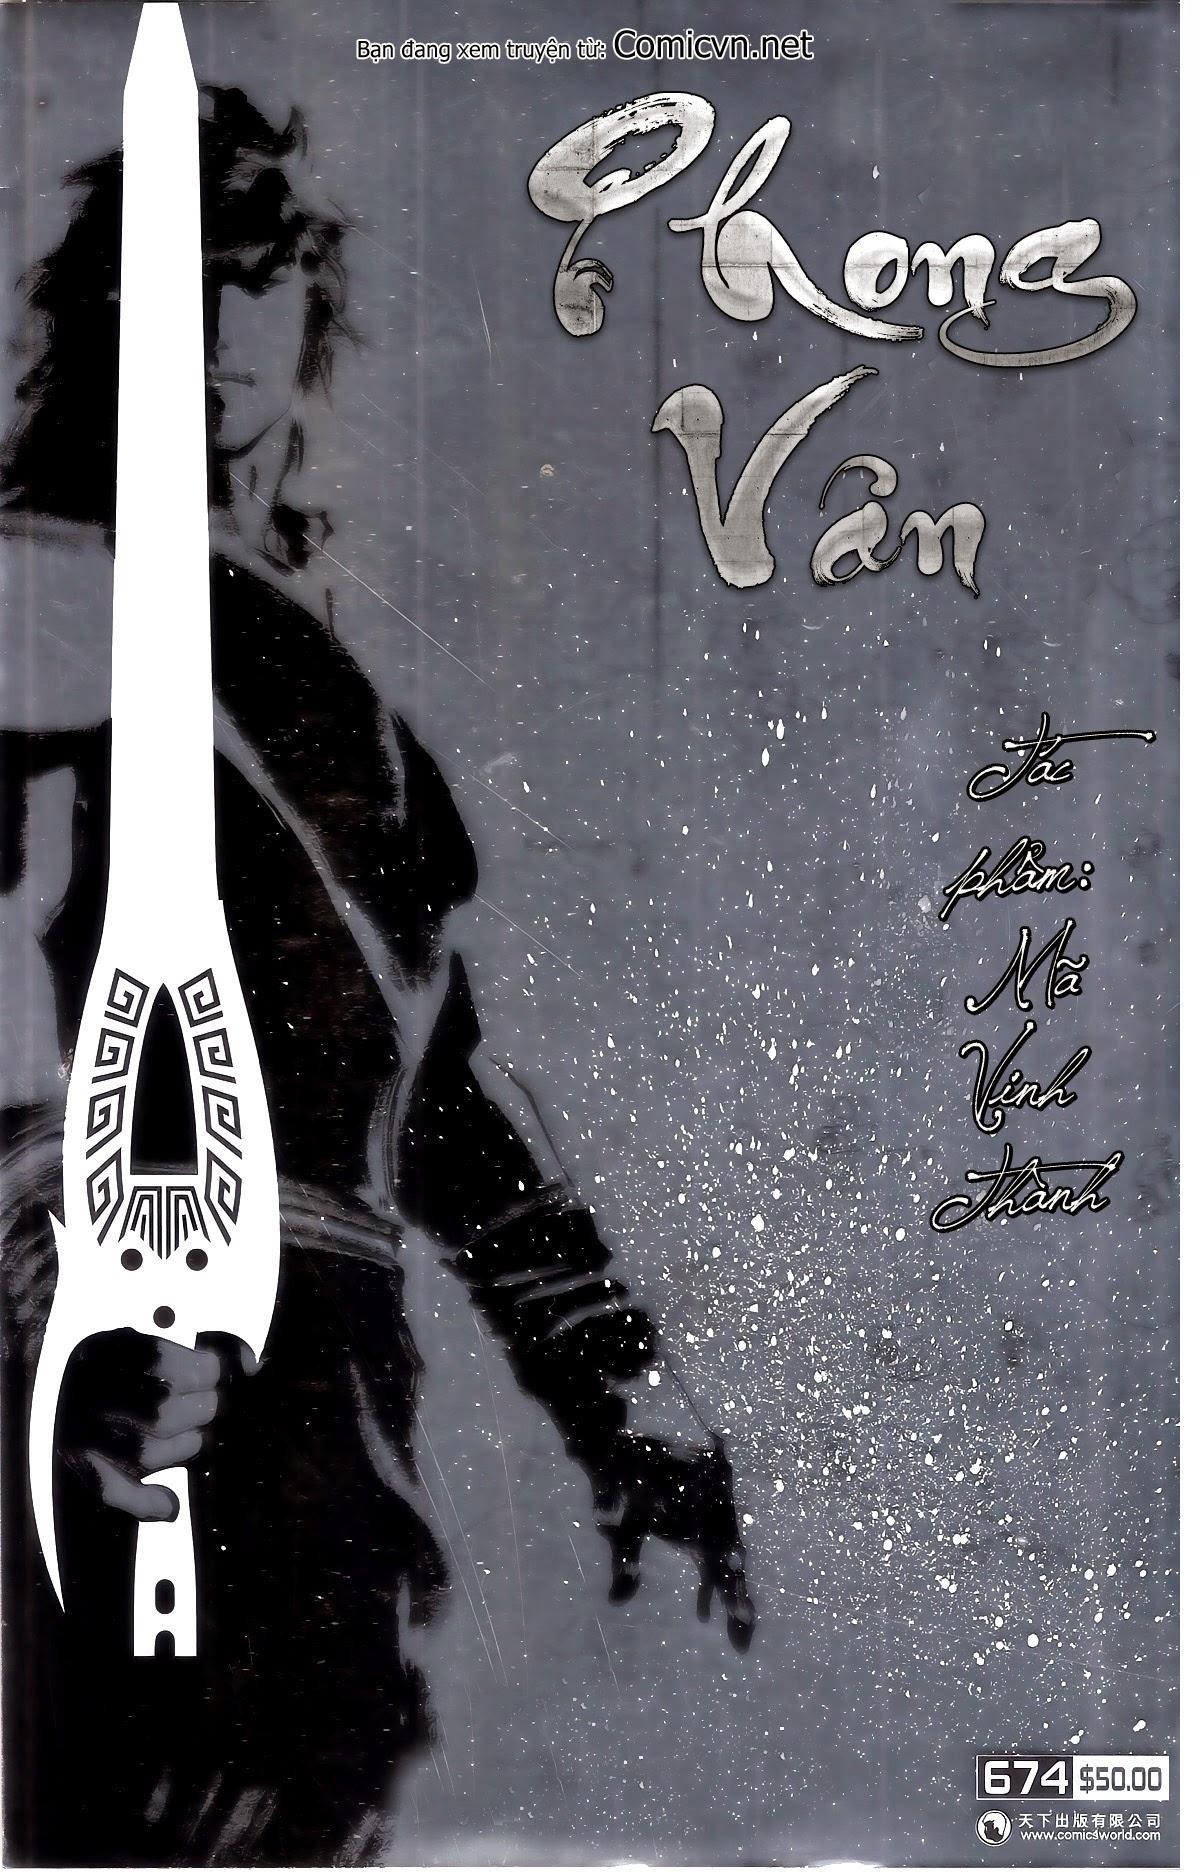 Phong Vân chap 674 – End Trang 1 - Mangak.info